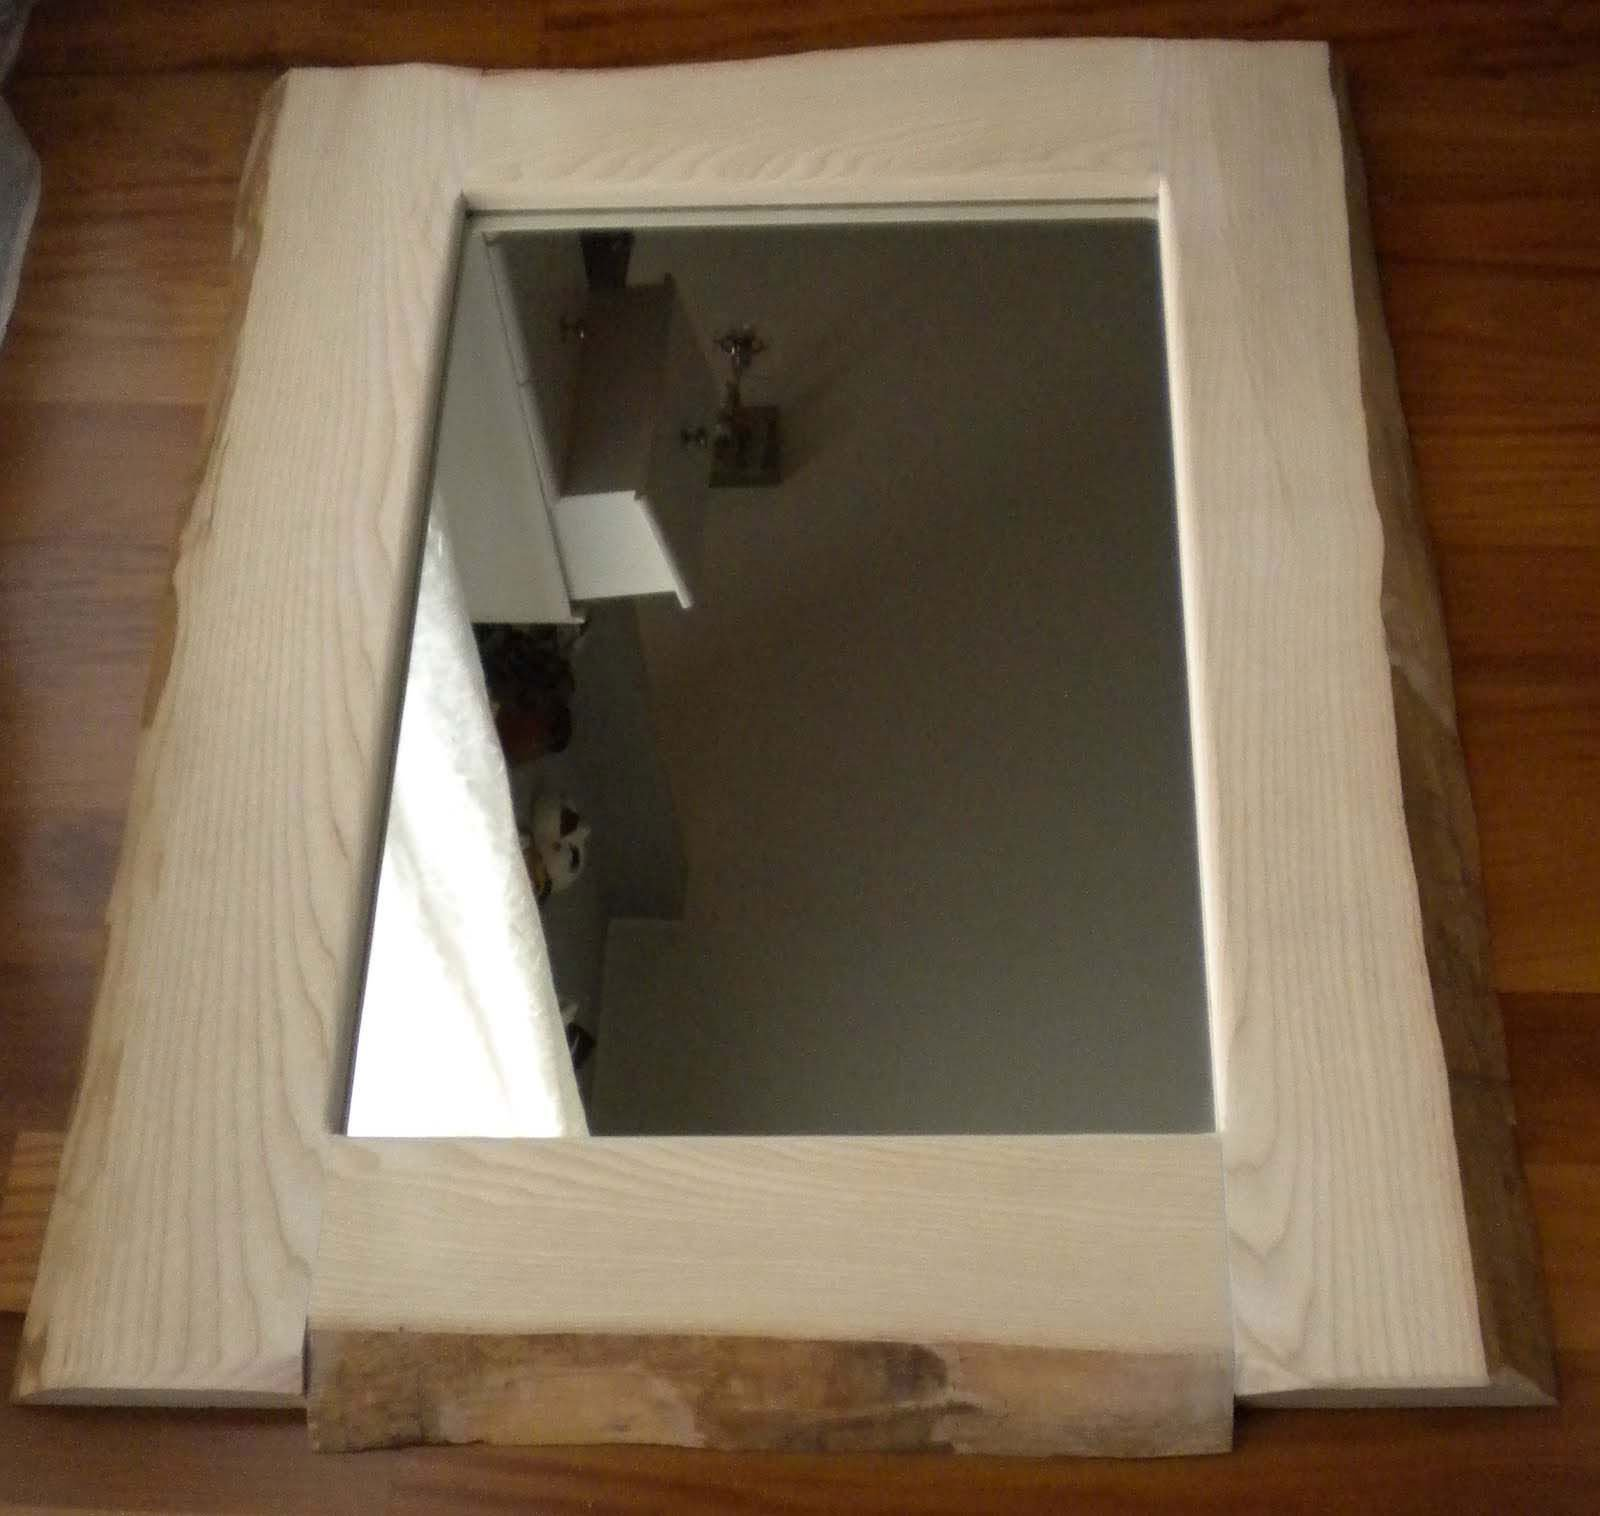 Cornice Specchio Fai Da Te.Specchio Fai Da Te Con Legno E Corteccia Naturale Cose Di Casa